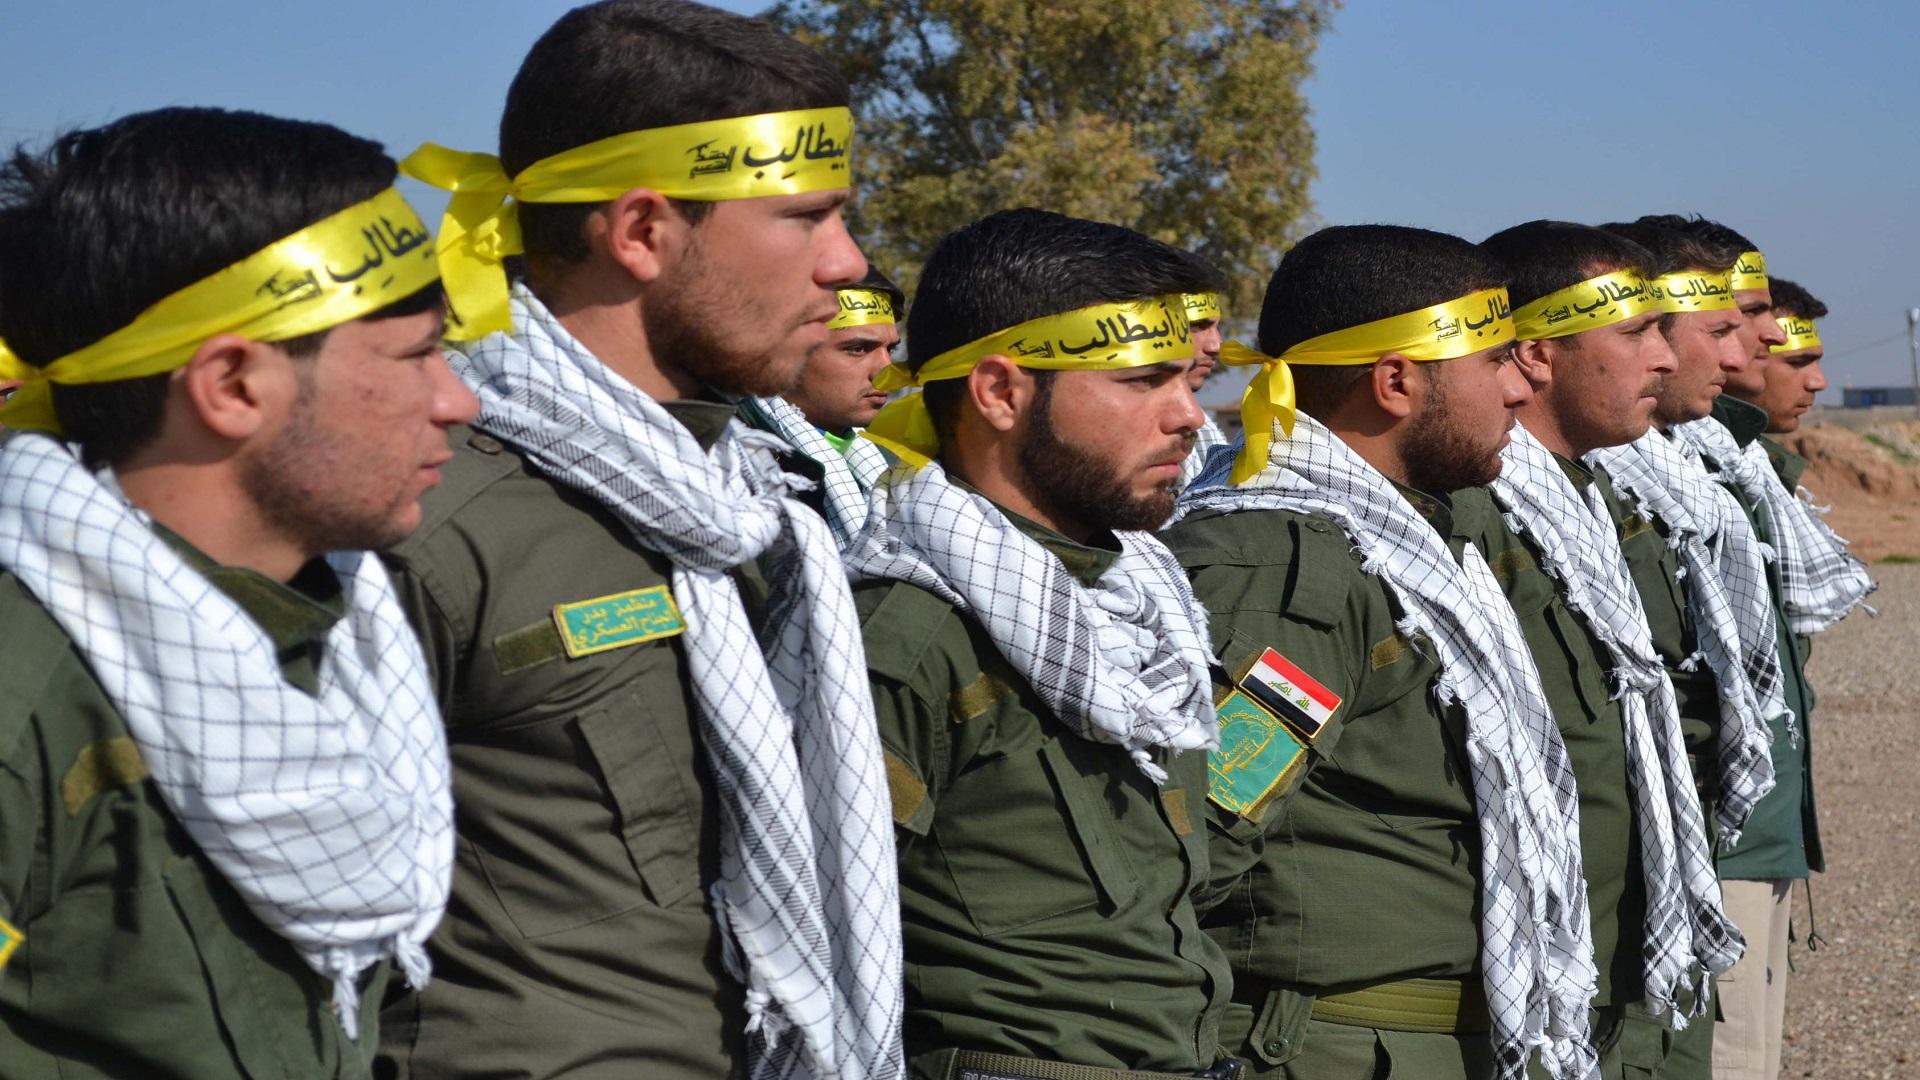 """صور وفيديوهات لـ""""مليشيات """"الحشد الشعبي"""": يعدمون الأطفال في العراق"""